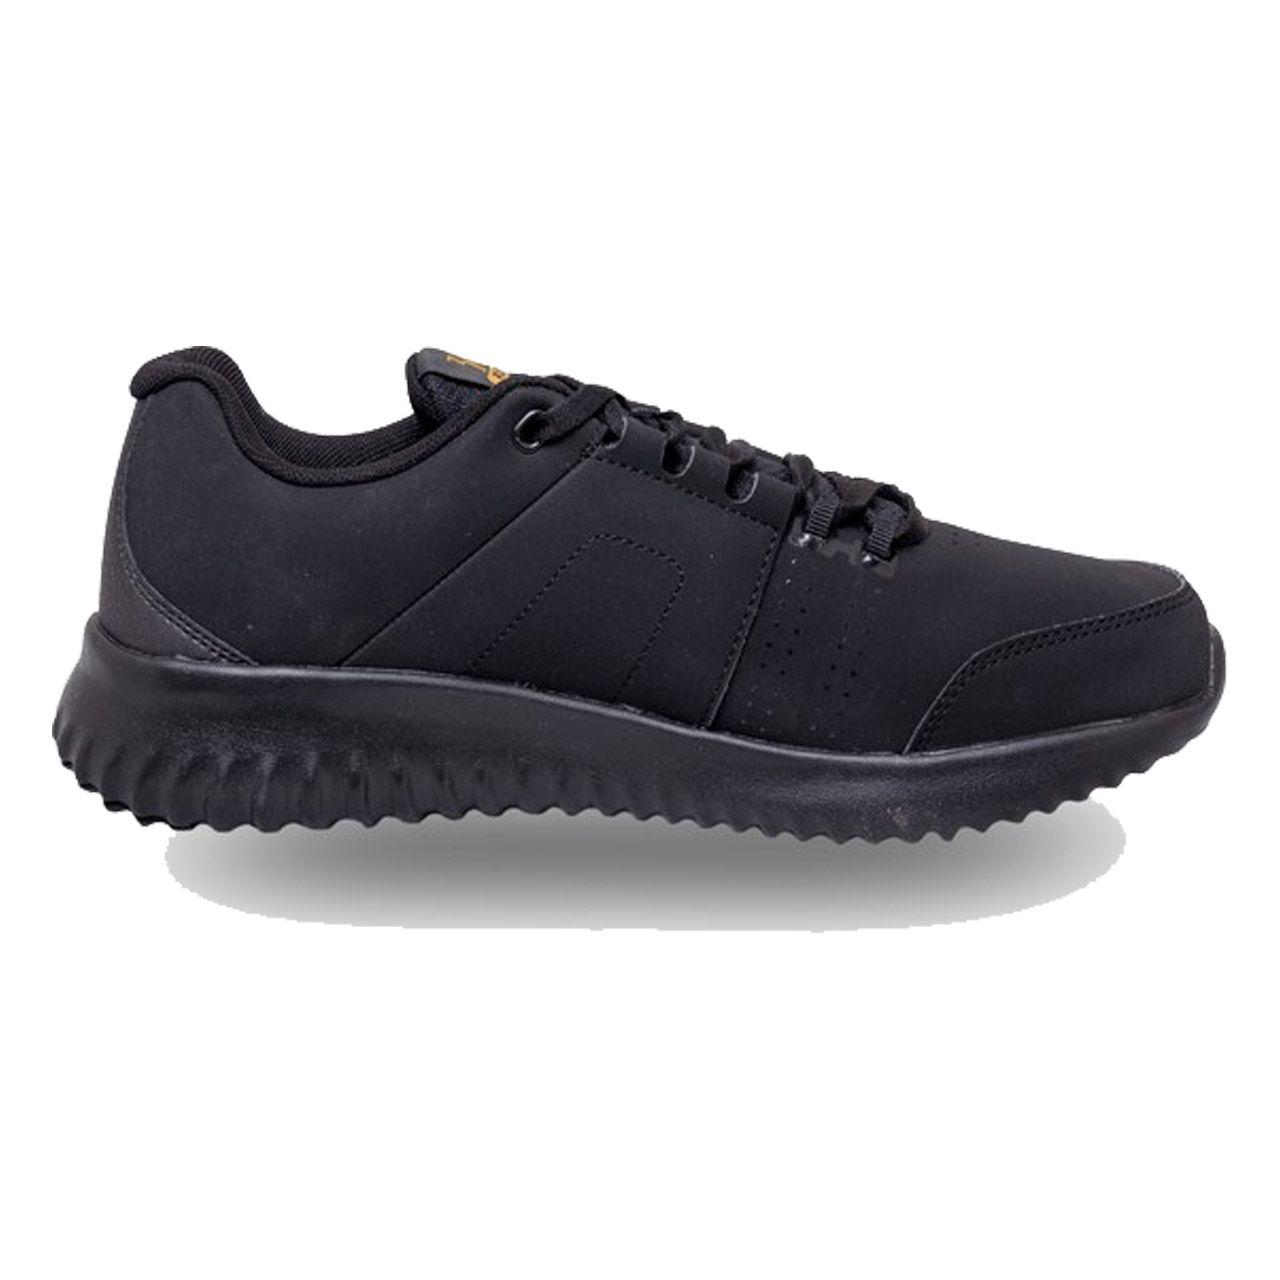 کفش مخصوص پیاده روی مردانه 361 درجه مدل W571842252-4 -  - 1